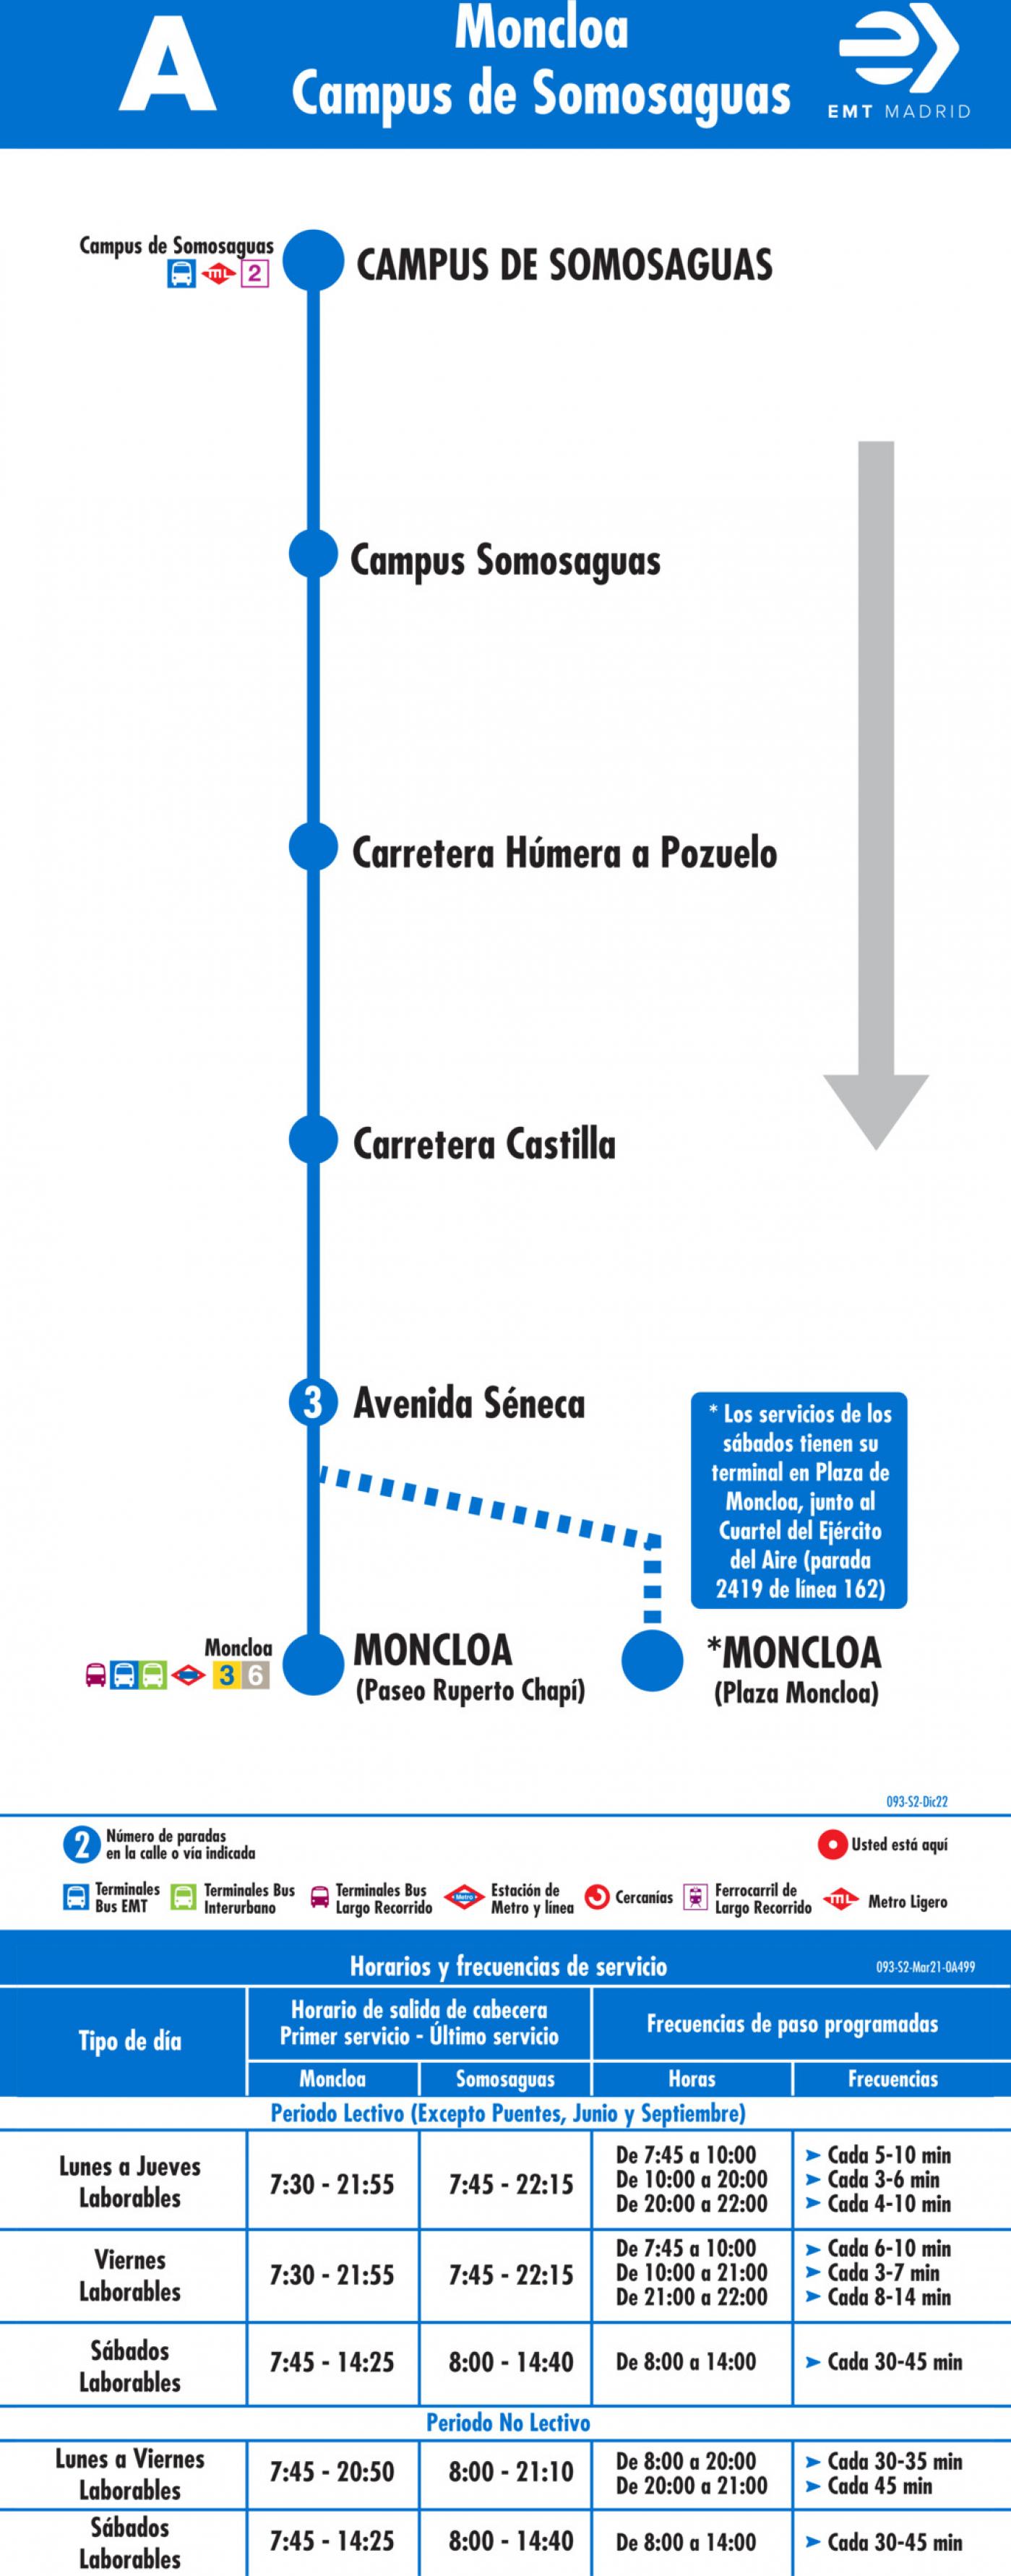 Tabla de horarios y frecuencias de paso en sentido vuelta Línea A: Moncloa - Campus de Somosaguas